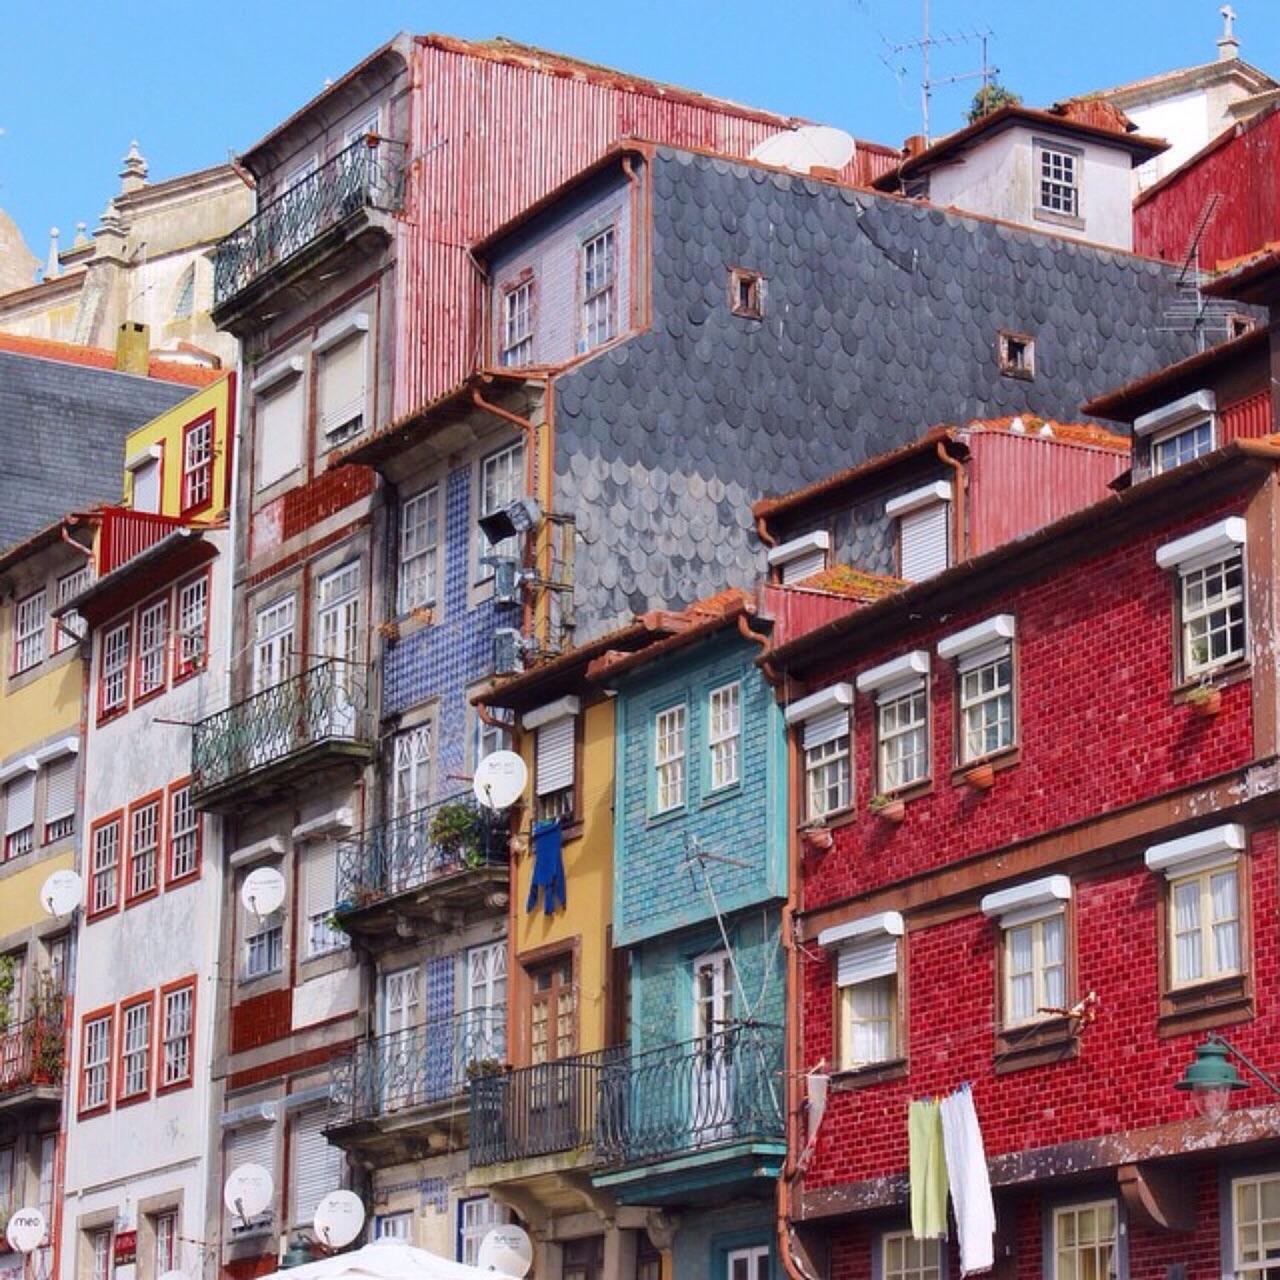 <strong>Oporto - Calles de Oporto</strong>